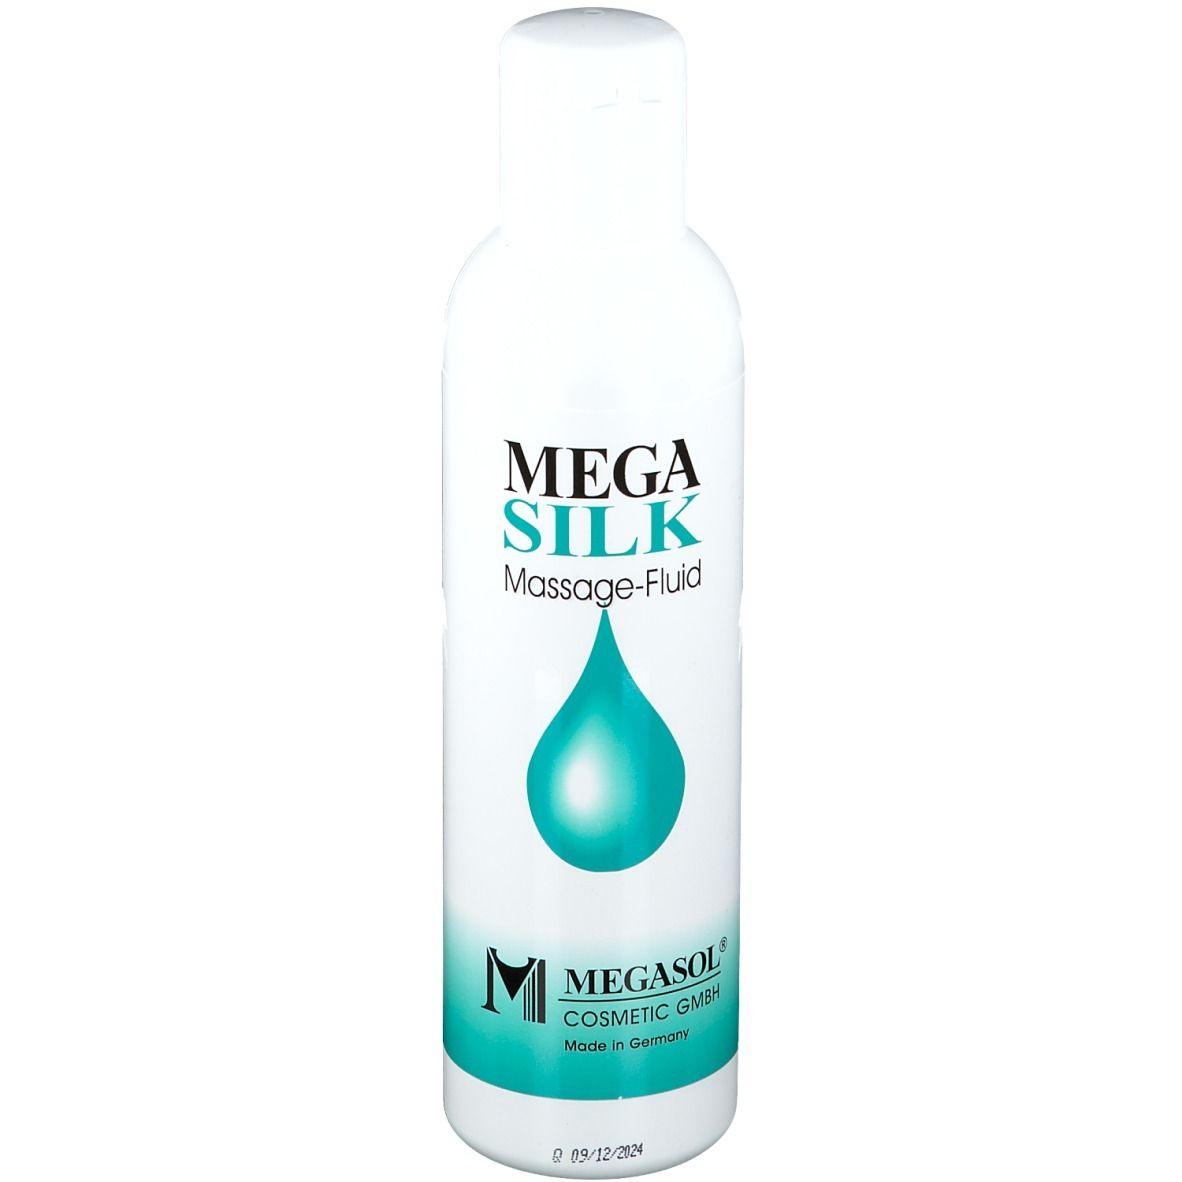 MEGA SILK Massage-Fluid